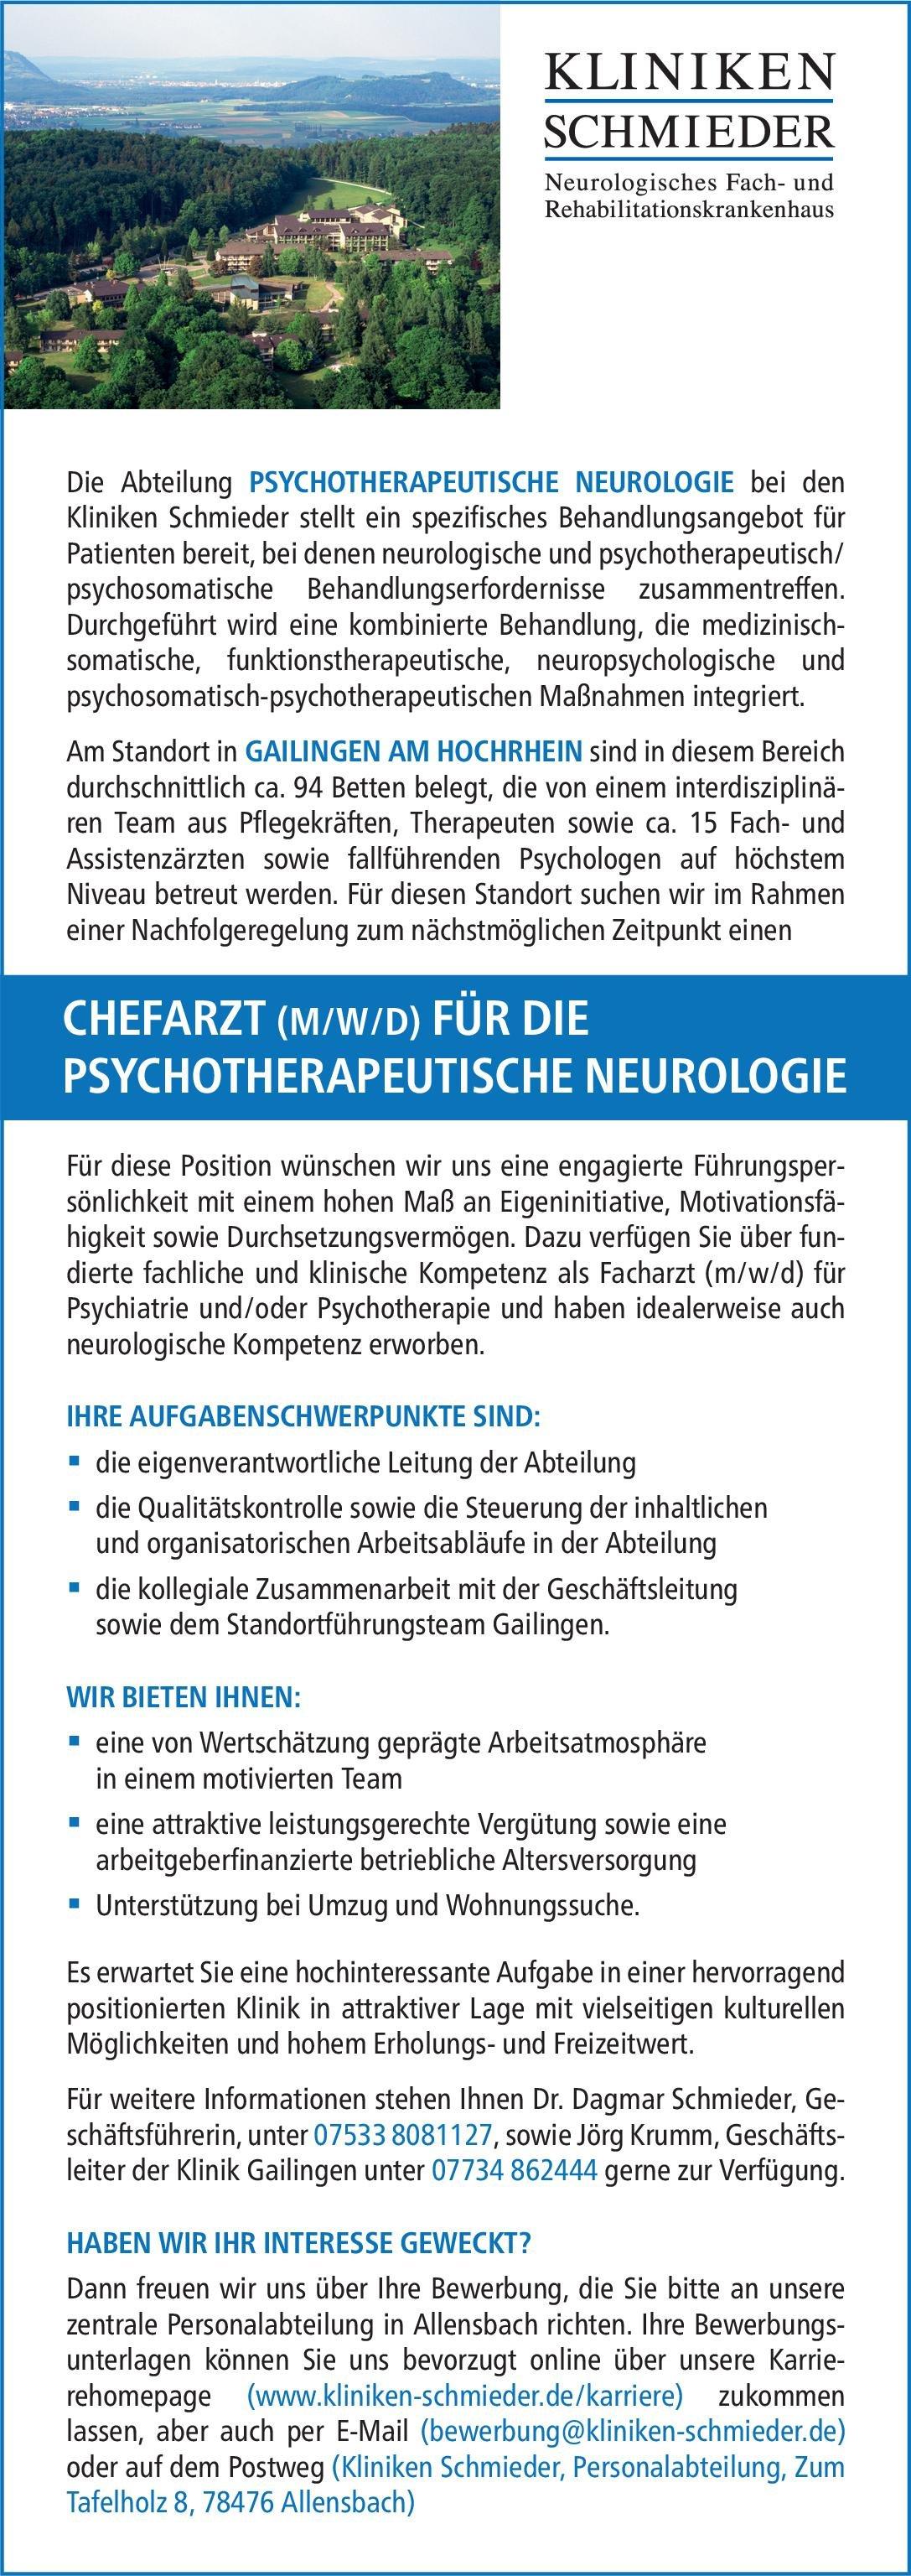 Kliniken Schmieder Chefarzt (m/w/d) für die Psychotherapeutische Neurologie  Psychiatrie und Psychotherapie, Neurologie, Psychiatrie und Psychotherapie Chefarzt